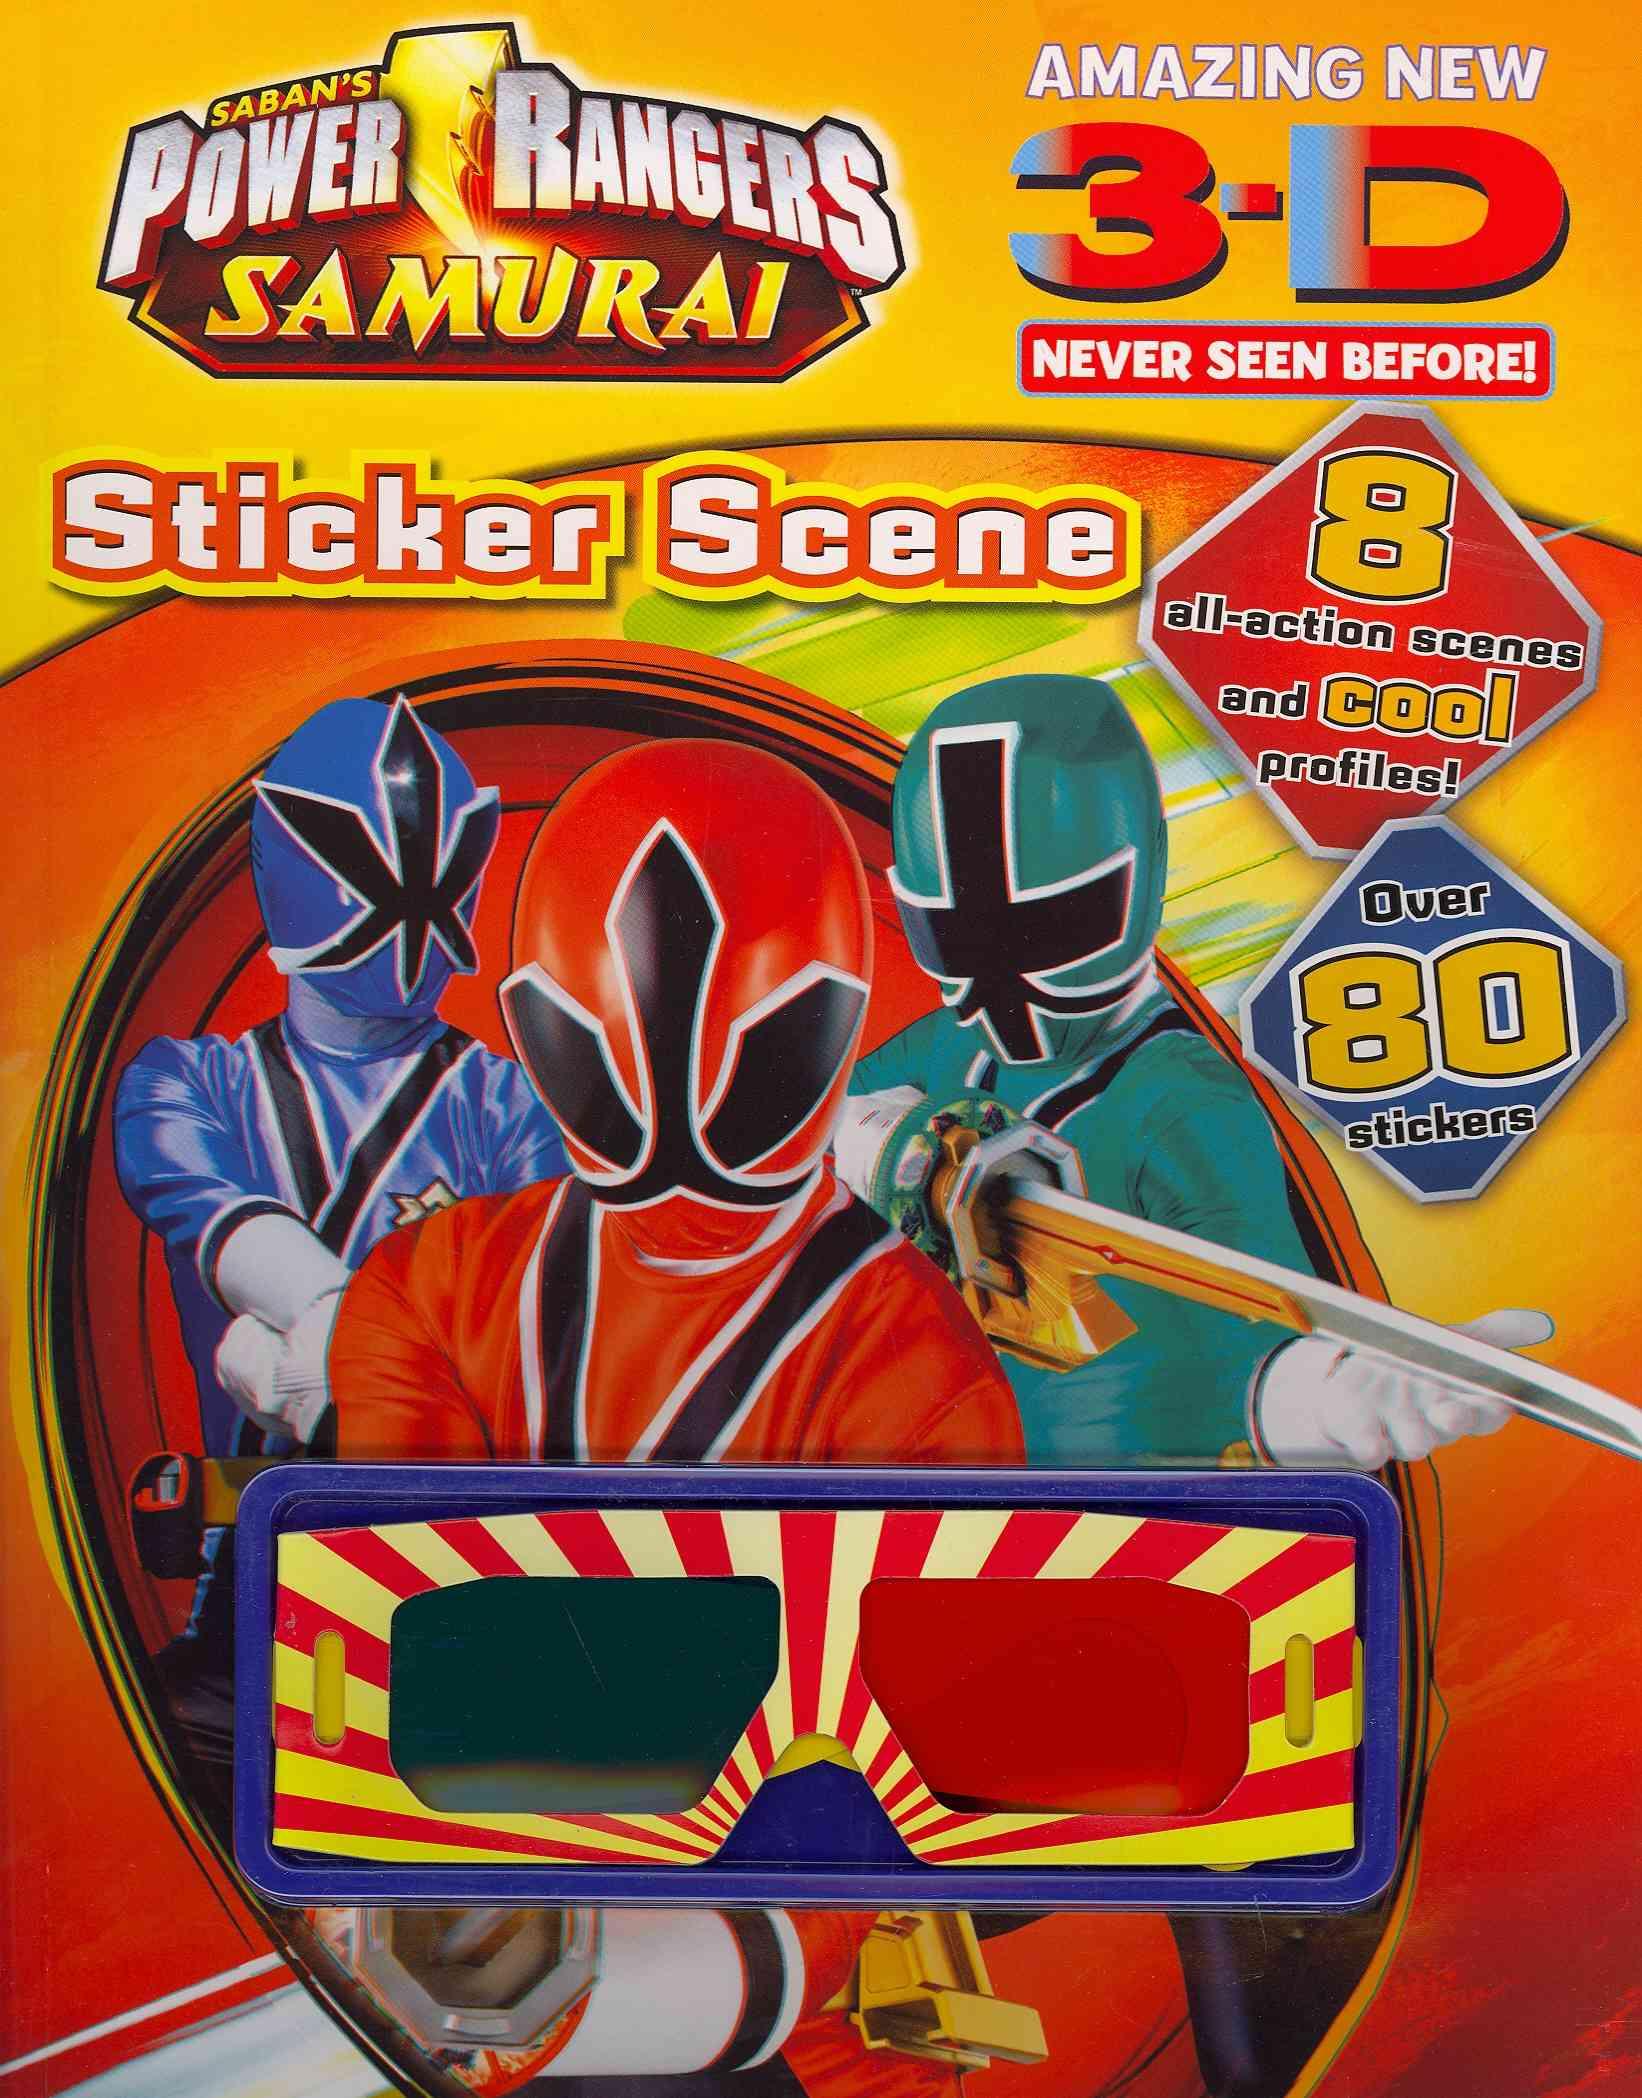 Power Rangers: Samurai 3-d Never Seen Before! Sticker Scene (Paperback)